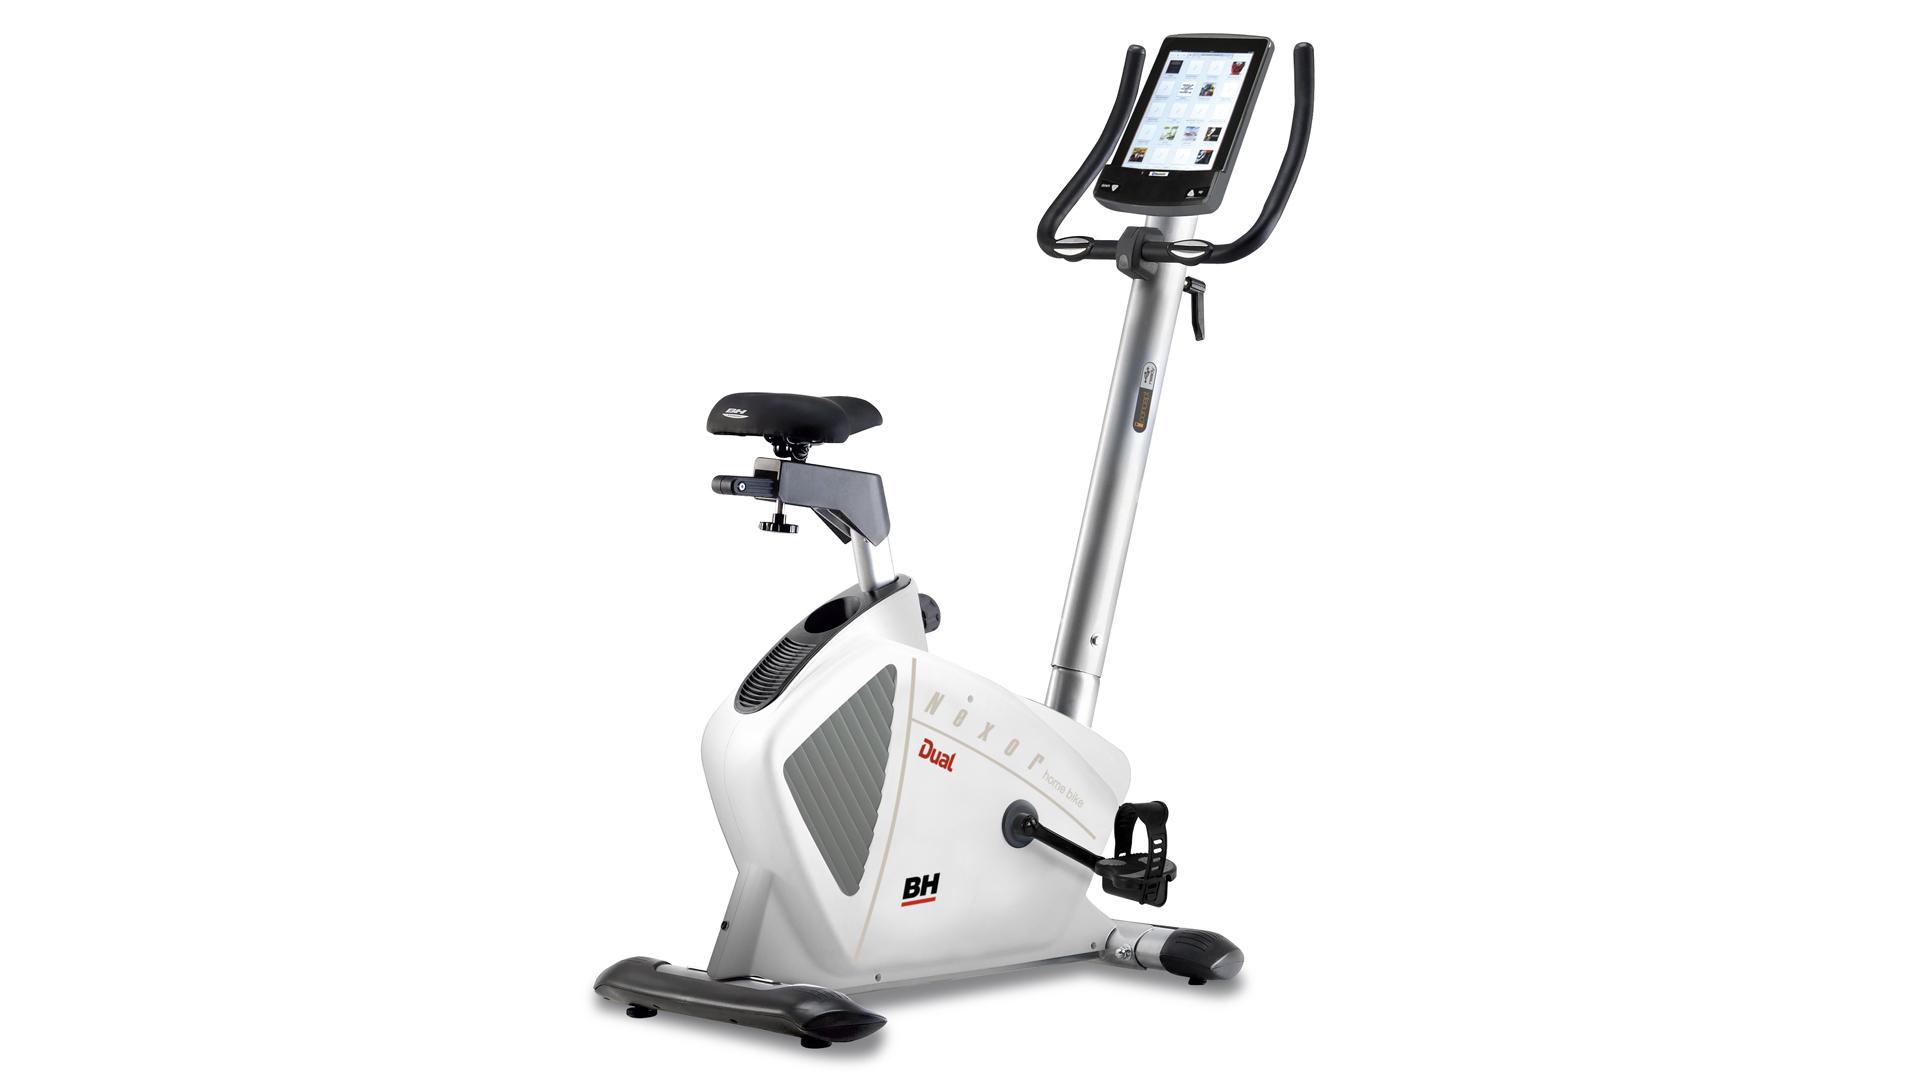 Velo Appartement Pour Enfant test du vélo d'appartement bh fitness nexor dual h1065l